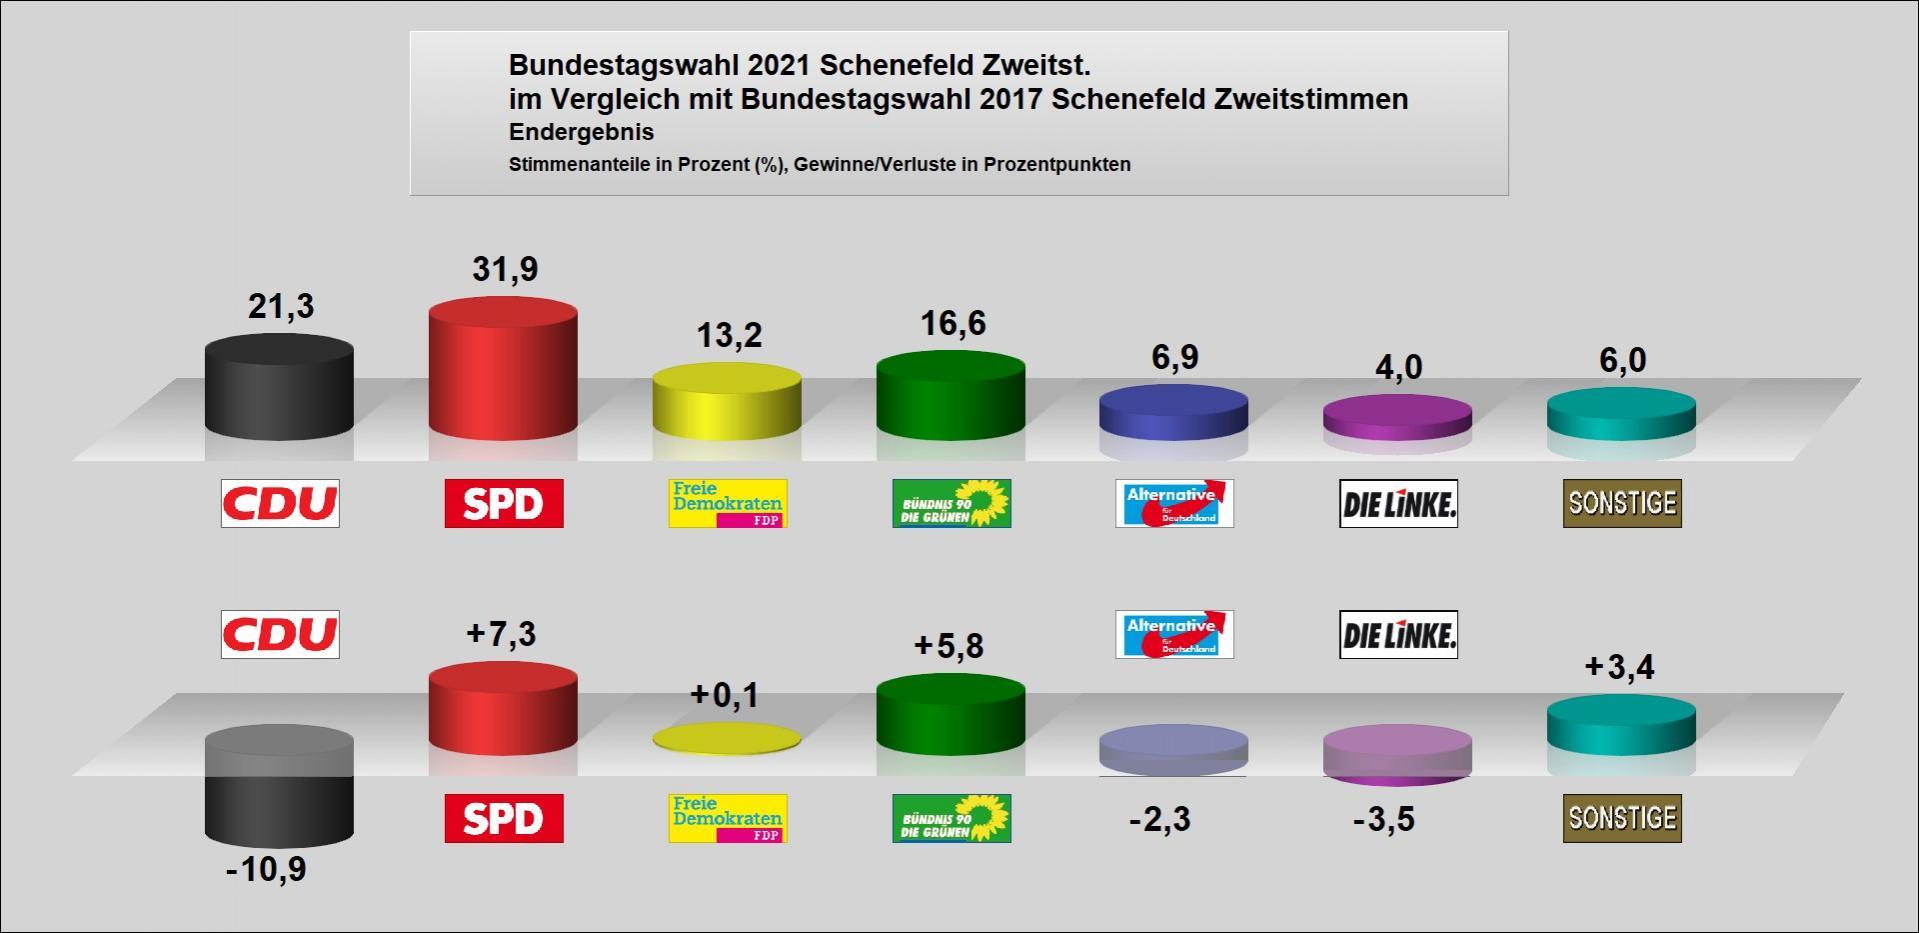 Bundestagswahl 2021 - Schenefeld Zweitstimme im Vergleich mit Bundestagswahl 2017